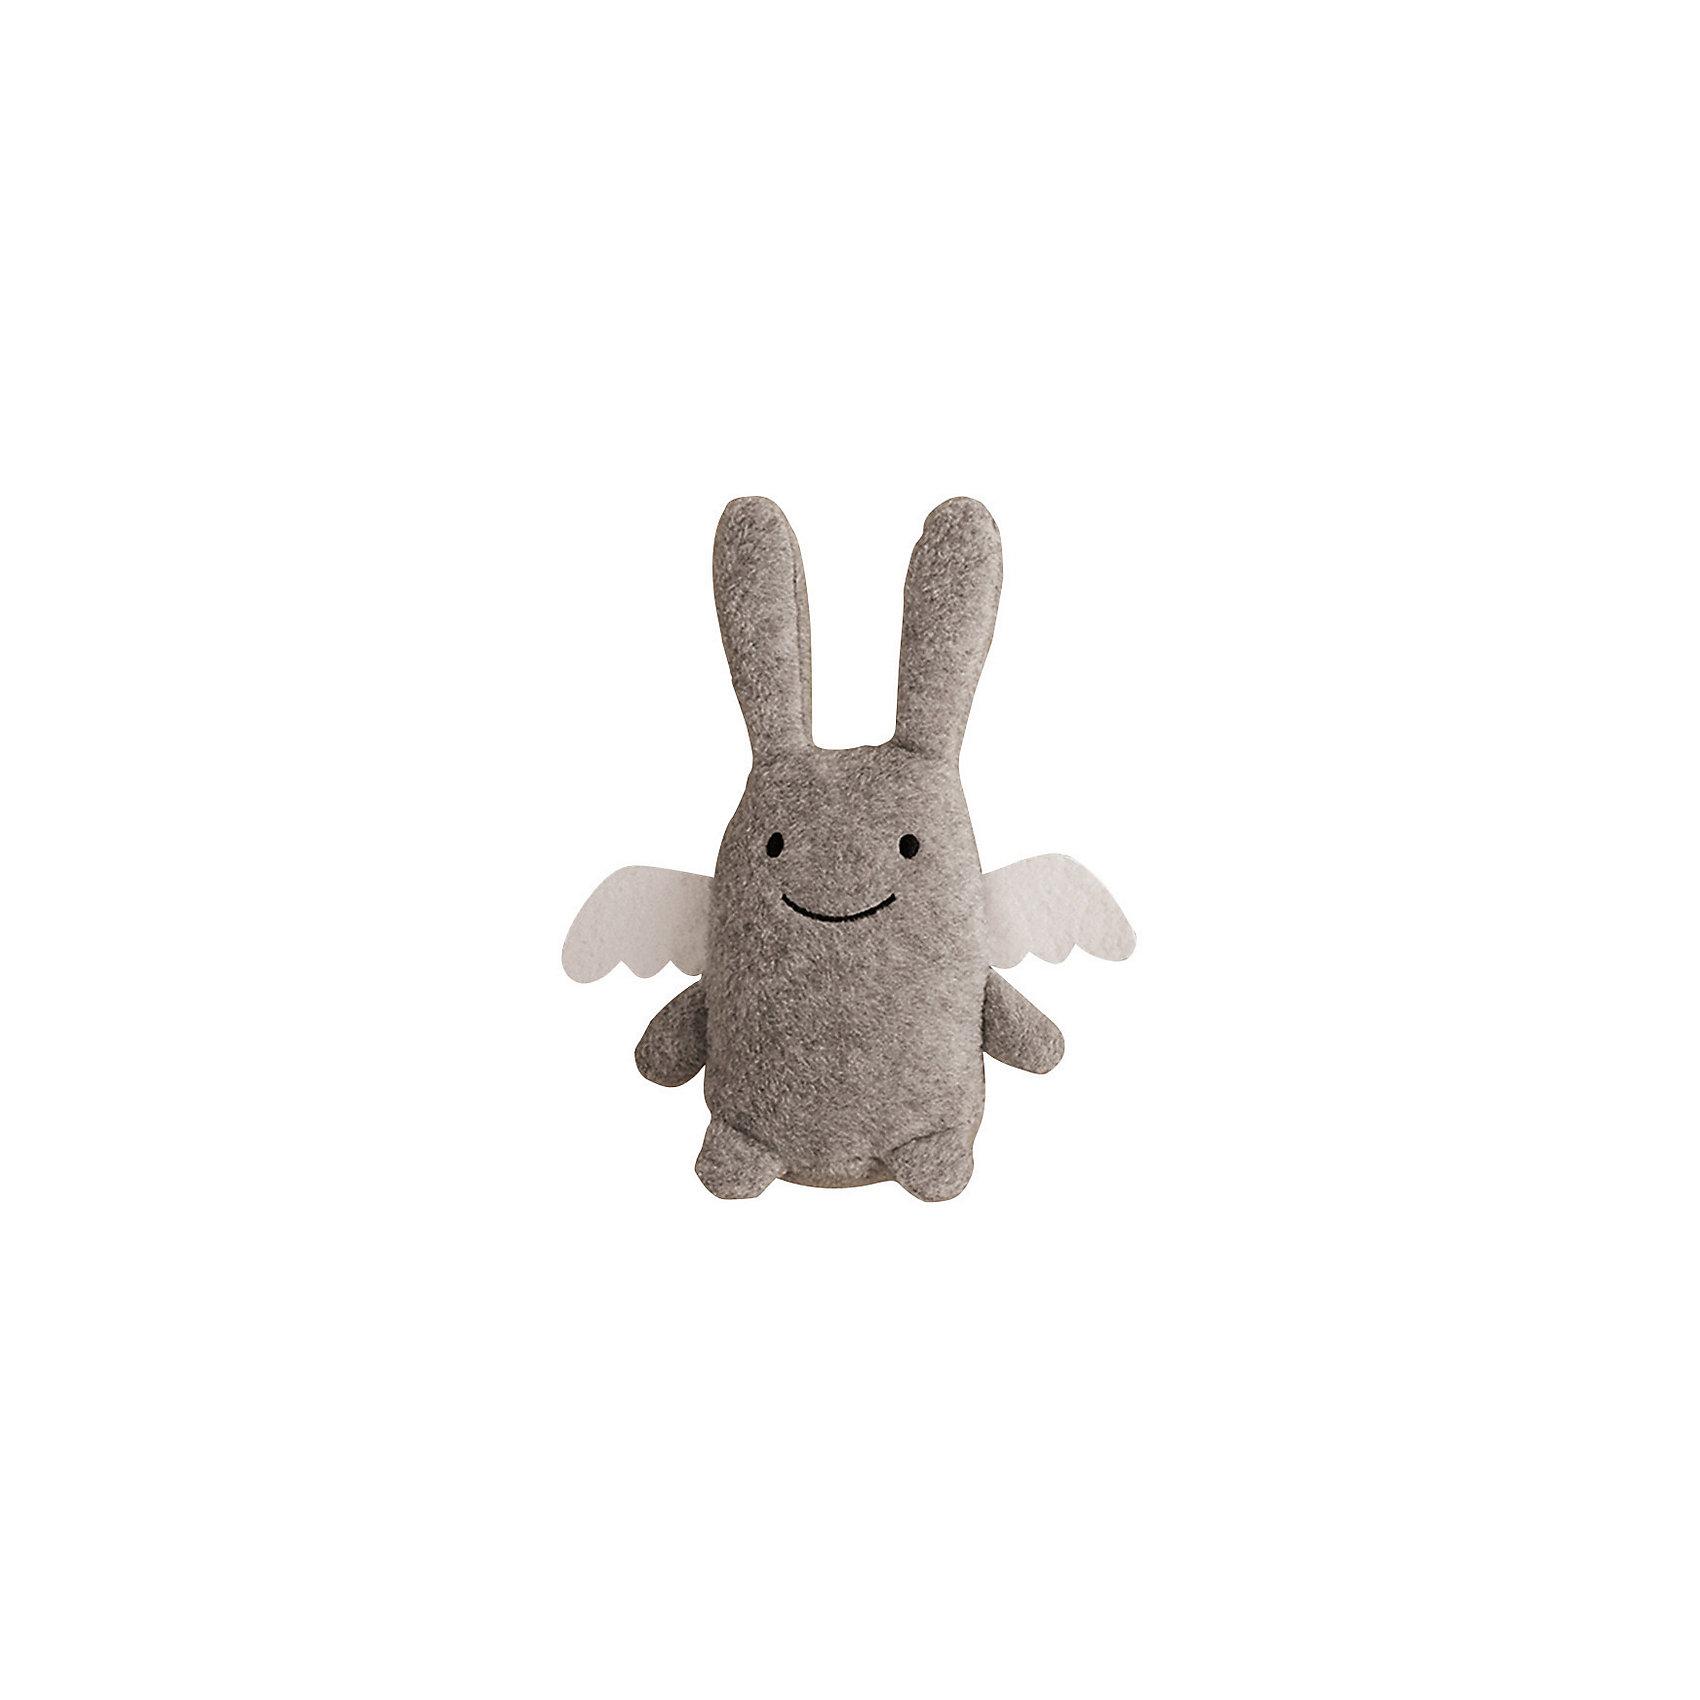 TROUSSELIER Мягкая игрушка Зайка с крылышками и погремушкой, серый, 12см , Trousselier шкатулки trousselier музыкальная шкатулка 1 отделение fairy parma